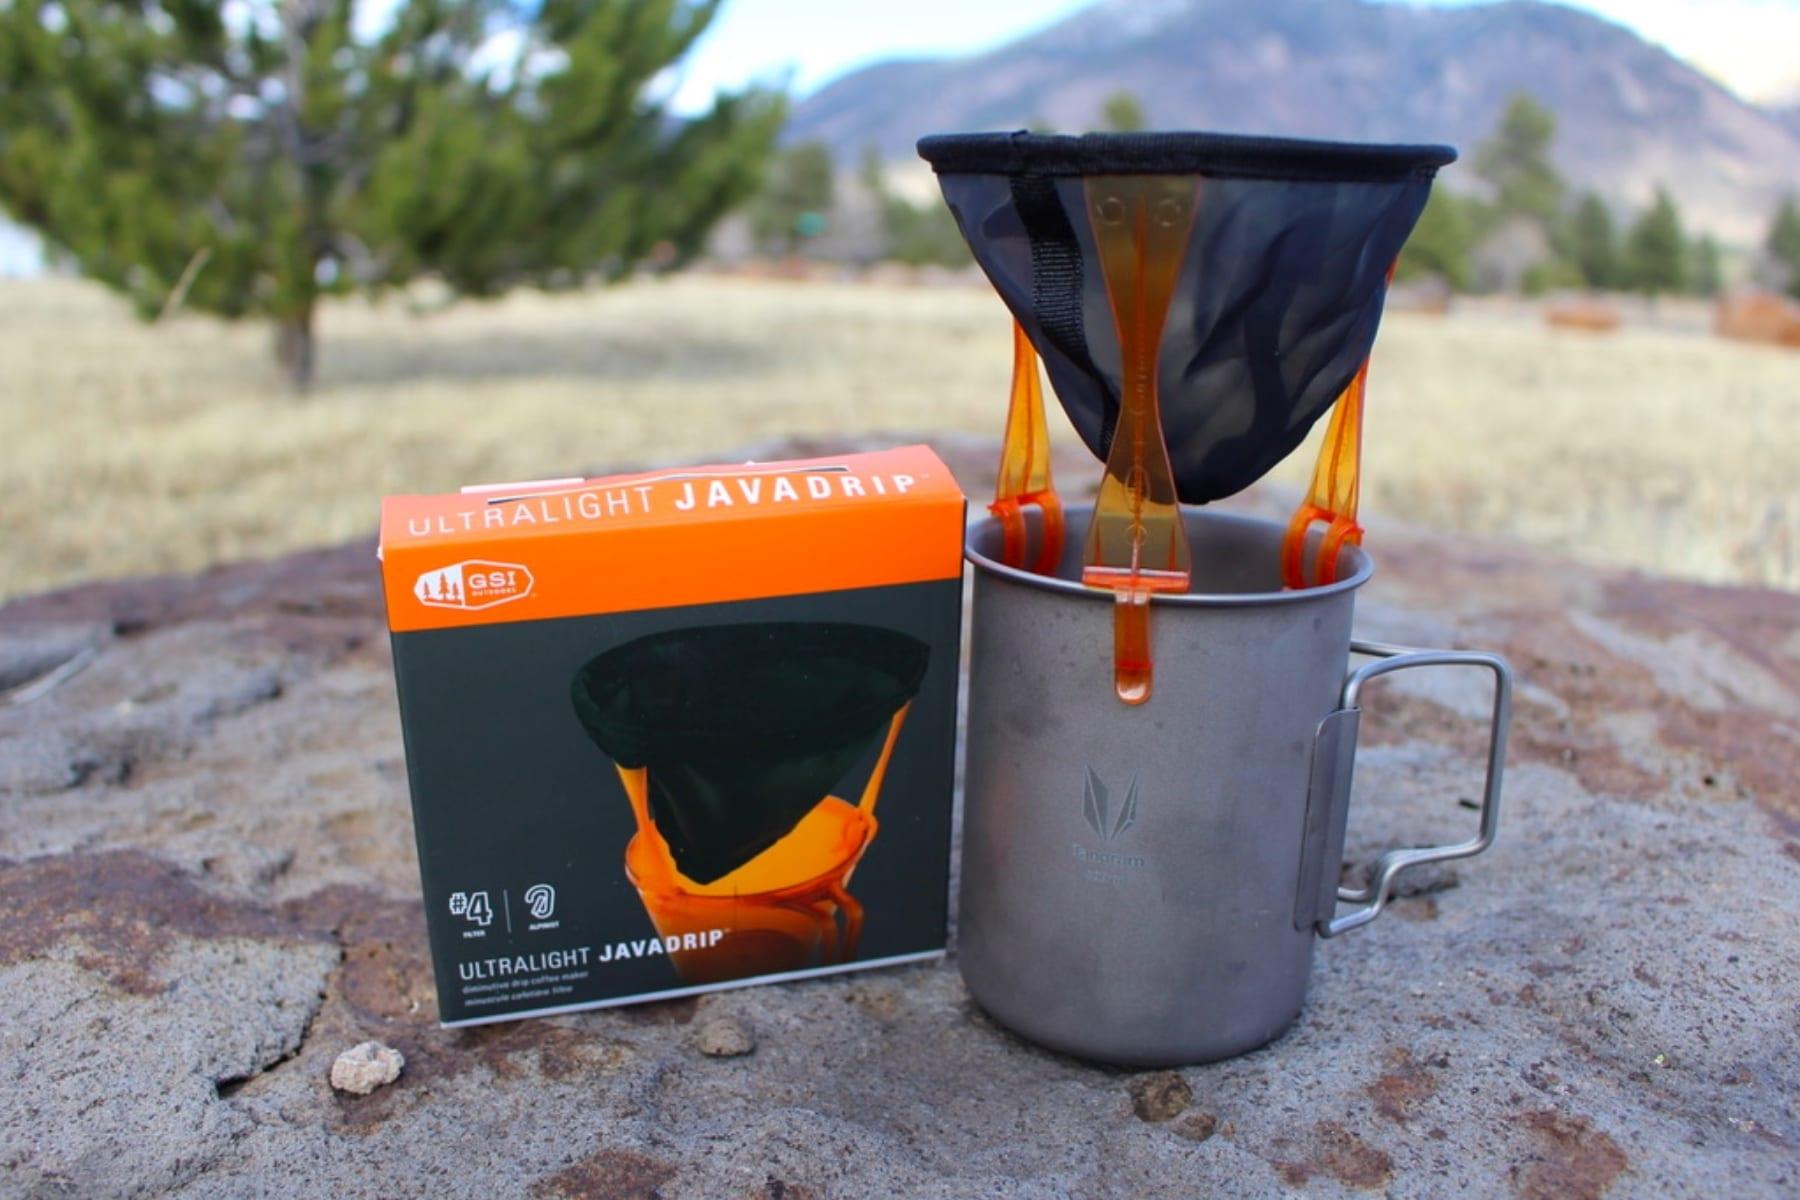 A GSI Outdoors Ultralight Java Drip coffee maker.